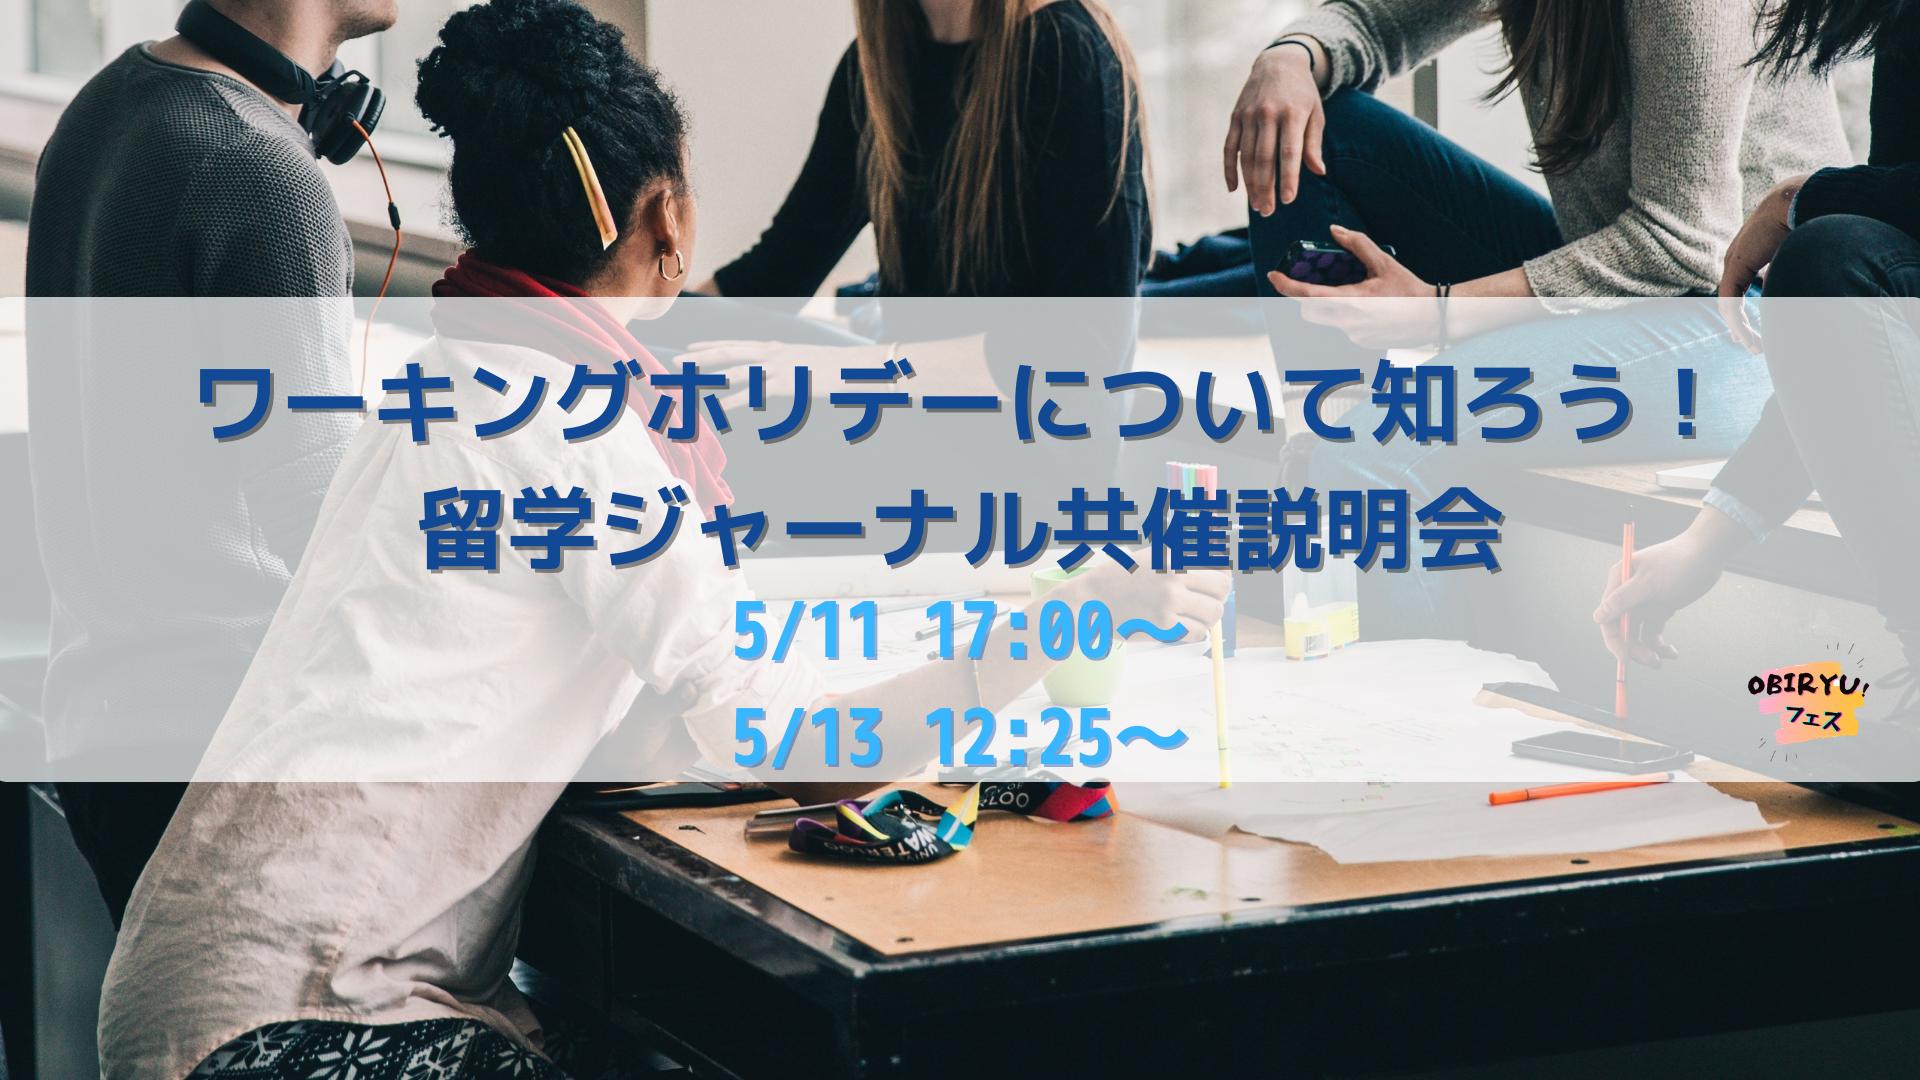 【セミナー】5/11, 13 ワーキングホリデーについて知ろう!